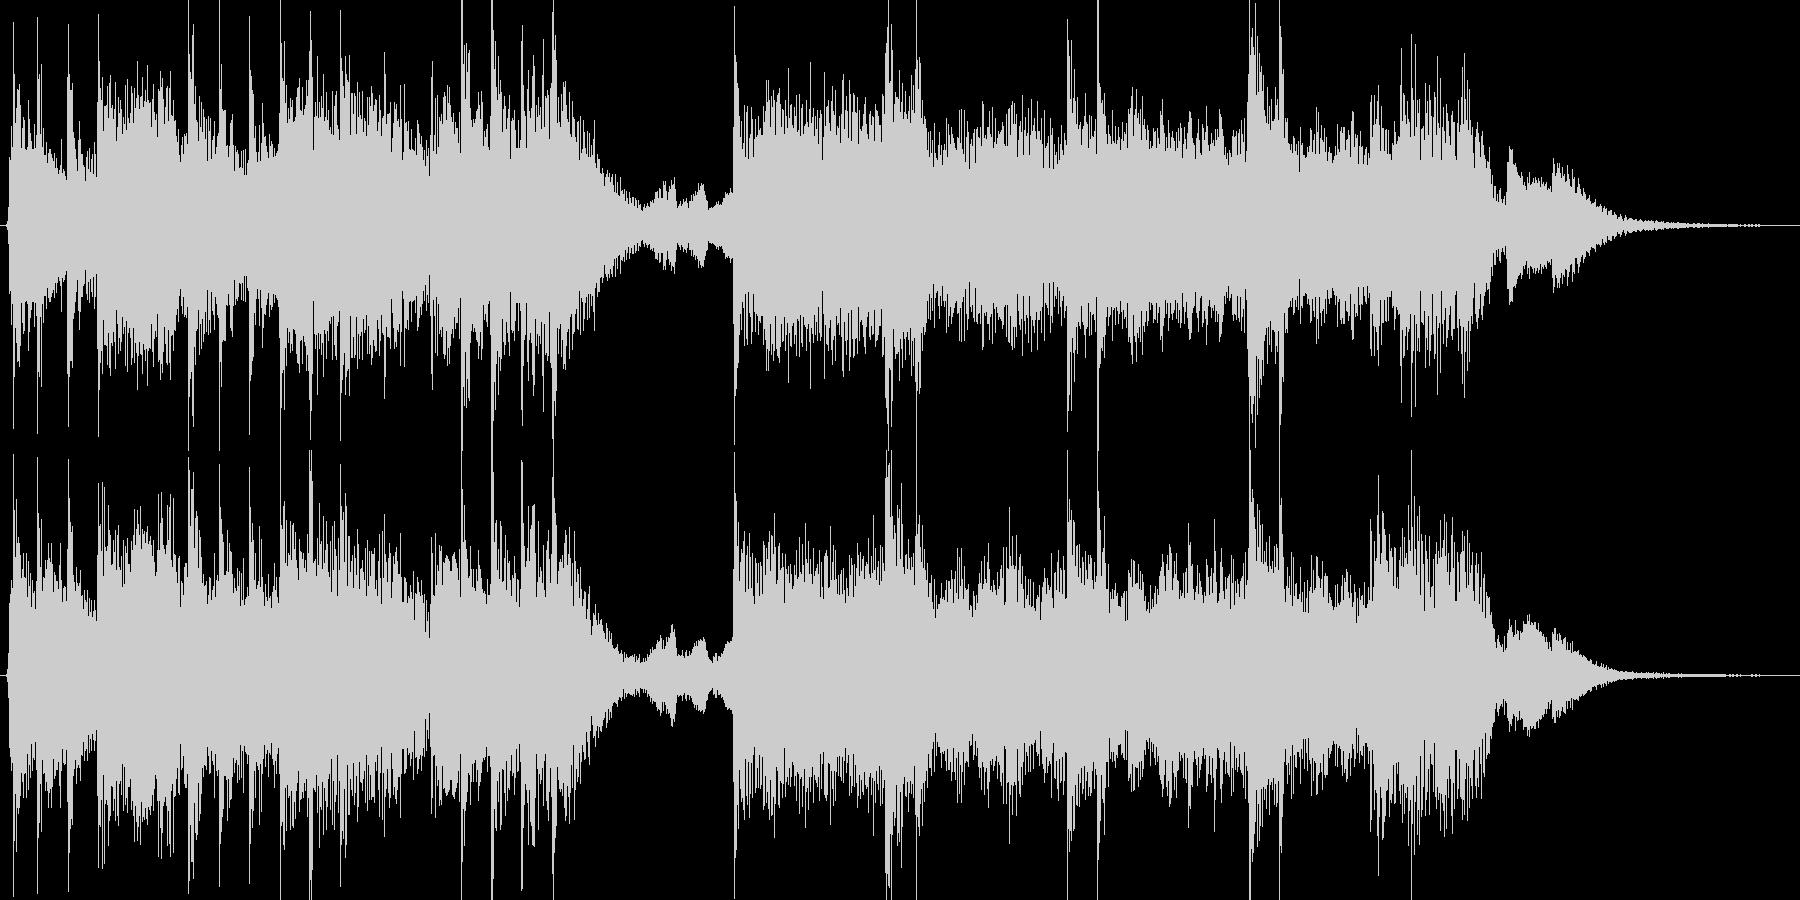 和風演歌侍オーケストラオープニングBGMの未再生の波形